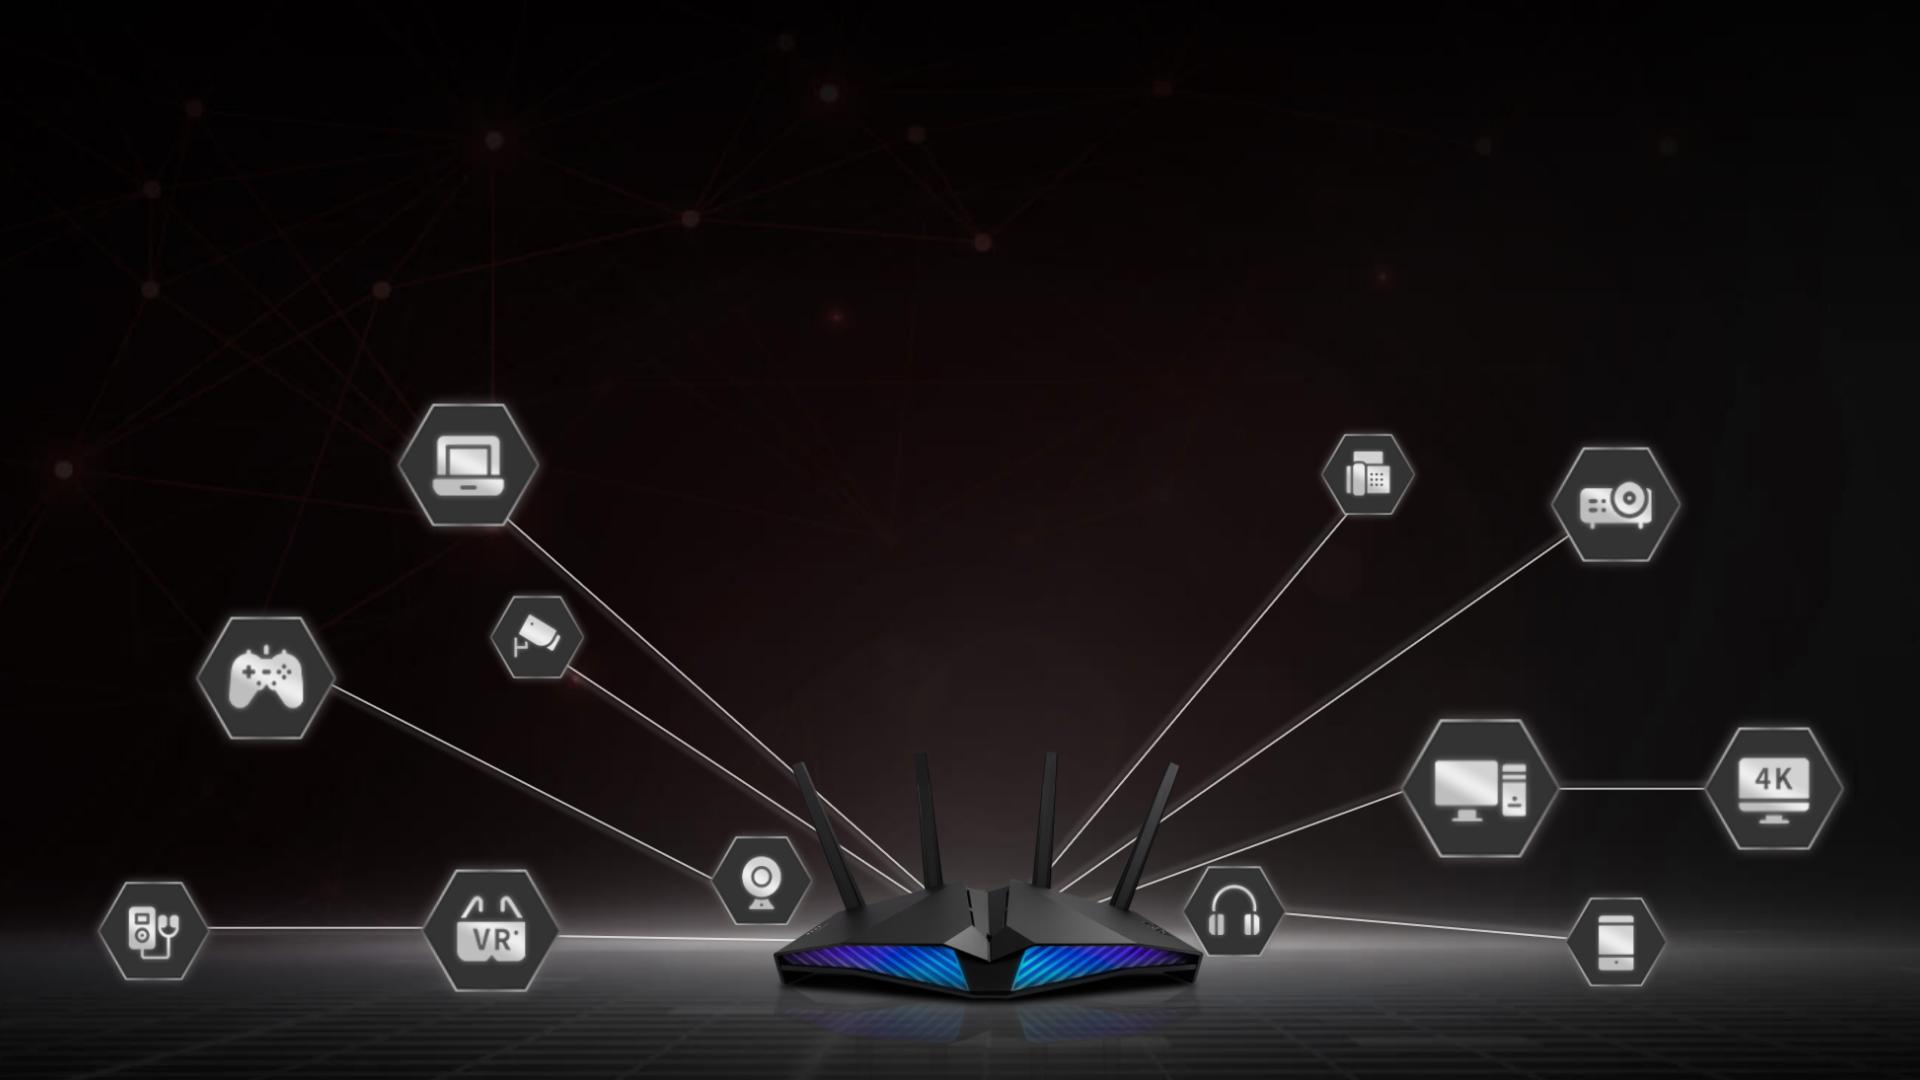 【教學】甚麼是 WiFi 6?為何比 WiFi 5 快?WiFi 6 Router 推薦